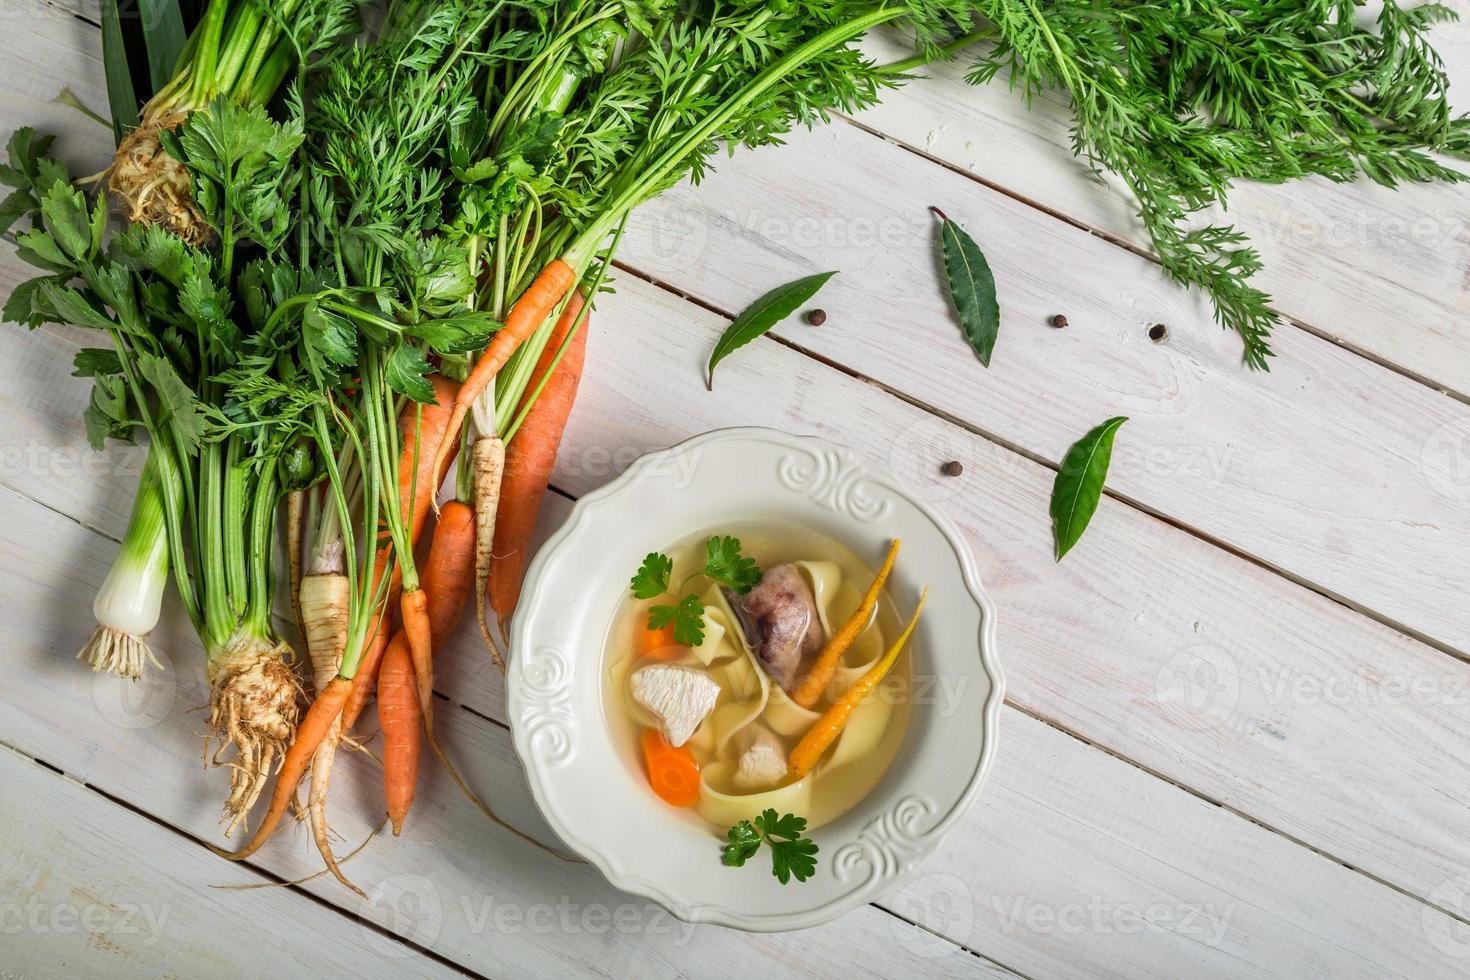 zelfgemaakte bouillon met noedels en ingrediënten foto